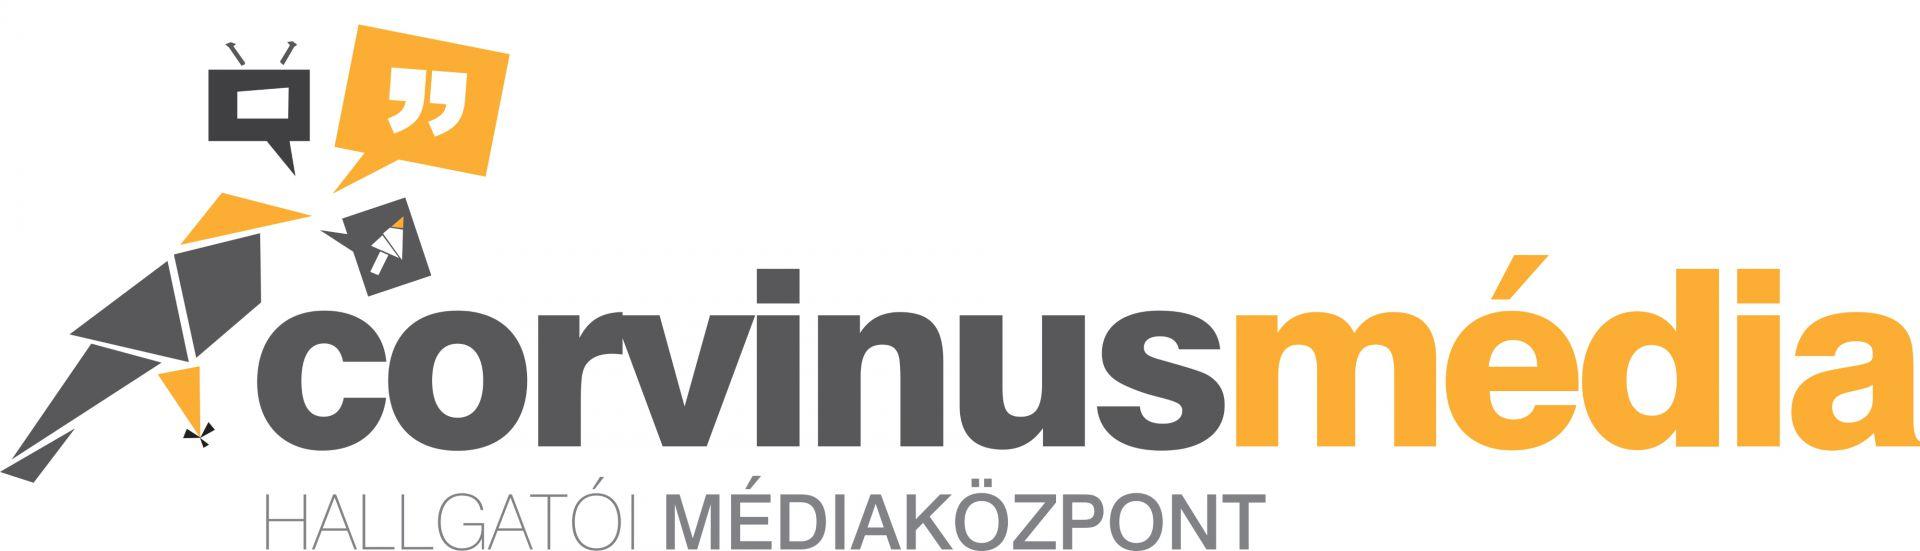 Corvinus Hallgatói Médiaközpont